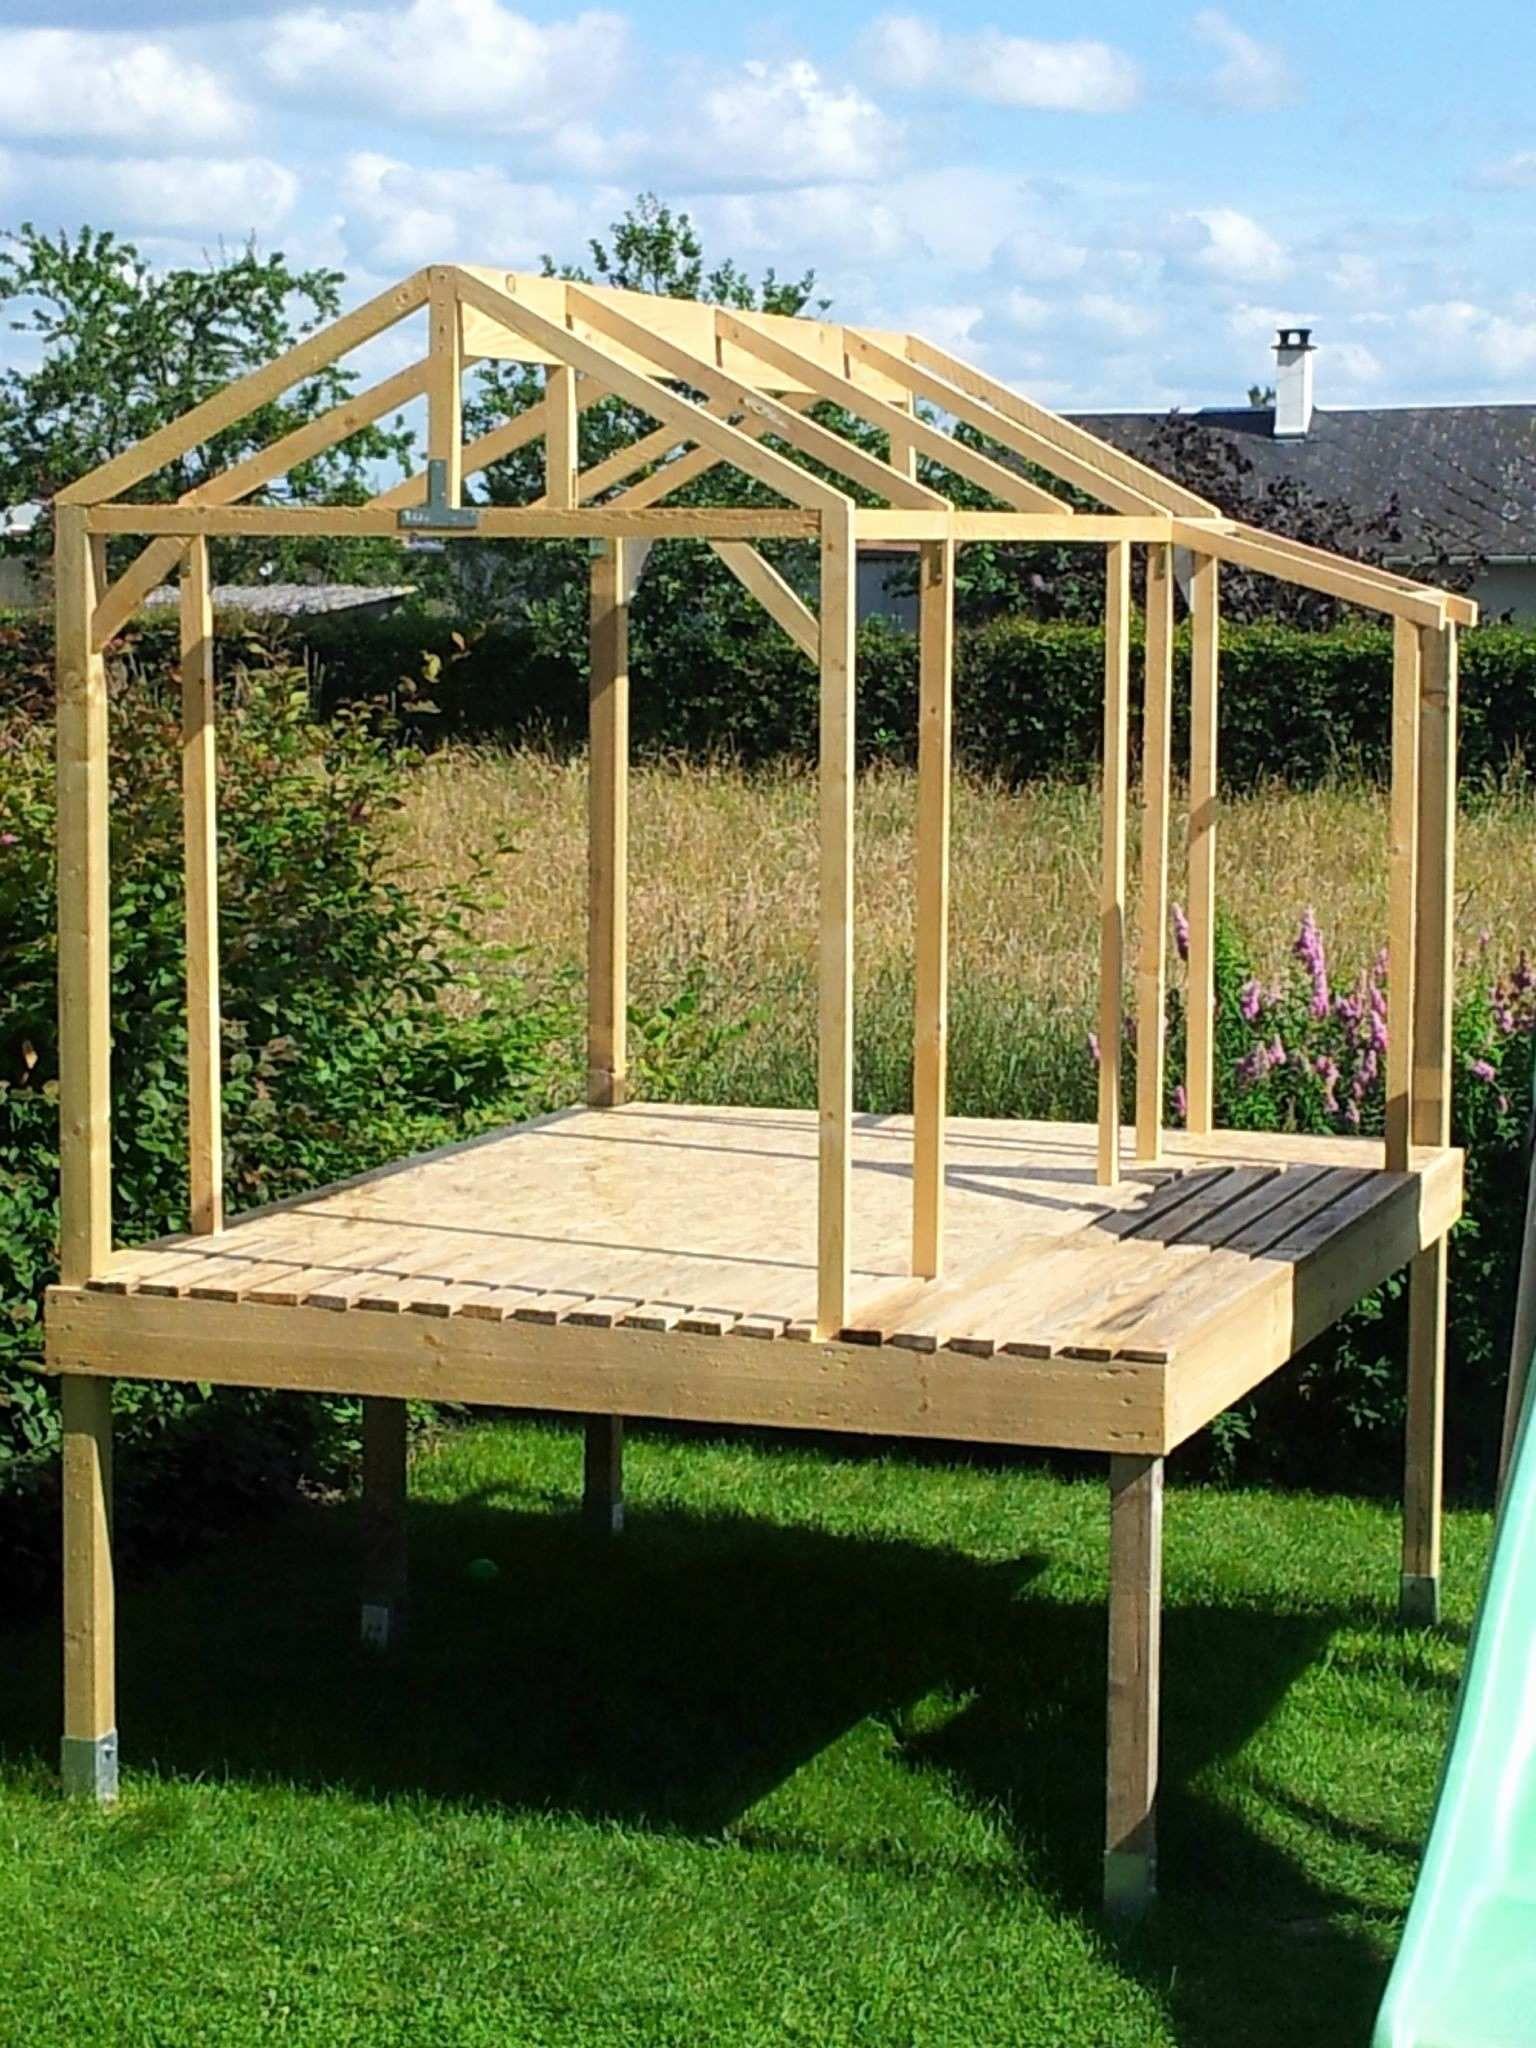 Fabriquer Abri De Jardin En Bois Construire Abri | Своими ... tout Fabriquer Son Abris De Jardin